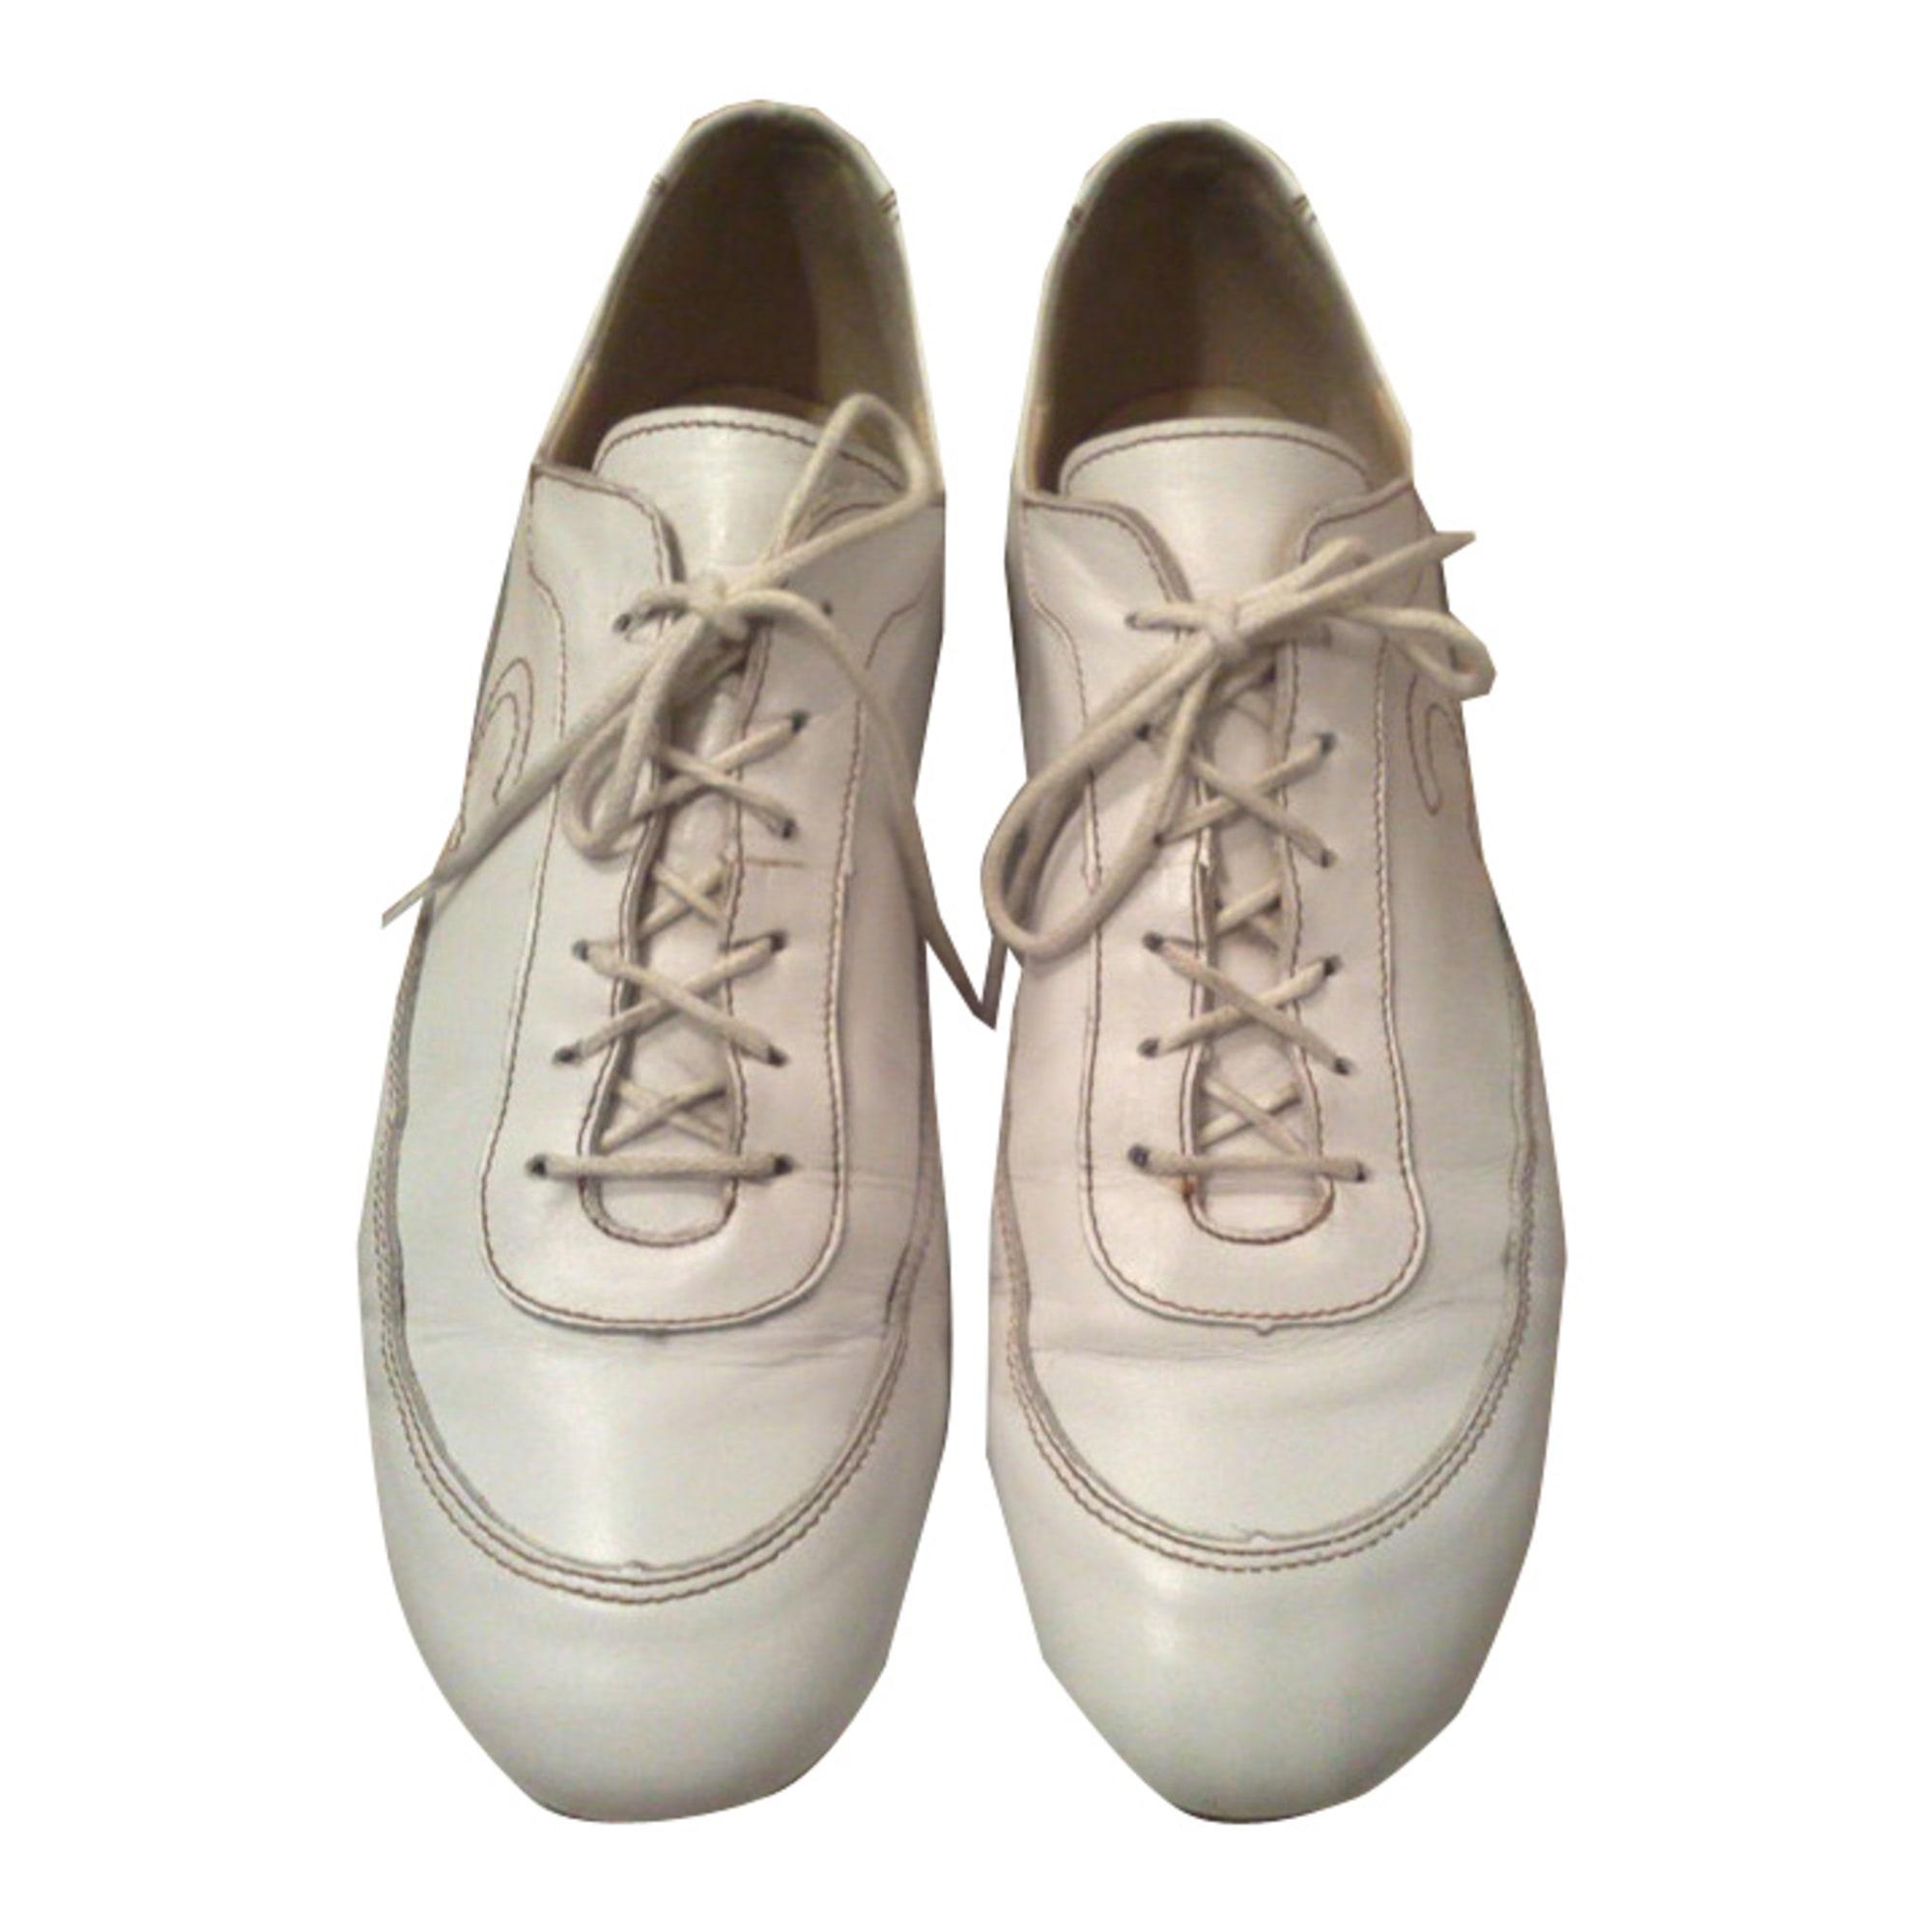 9ddc4a7034270 Chaussures à lacets CYRILLUS 40 blanc - 349677